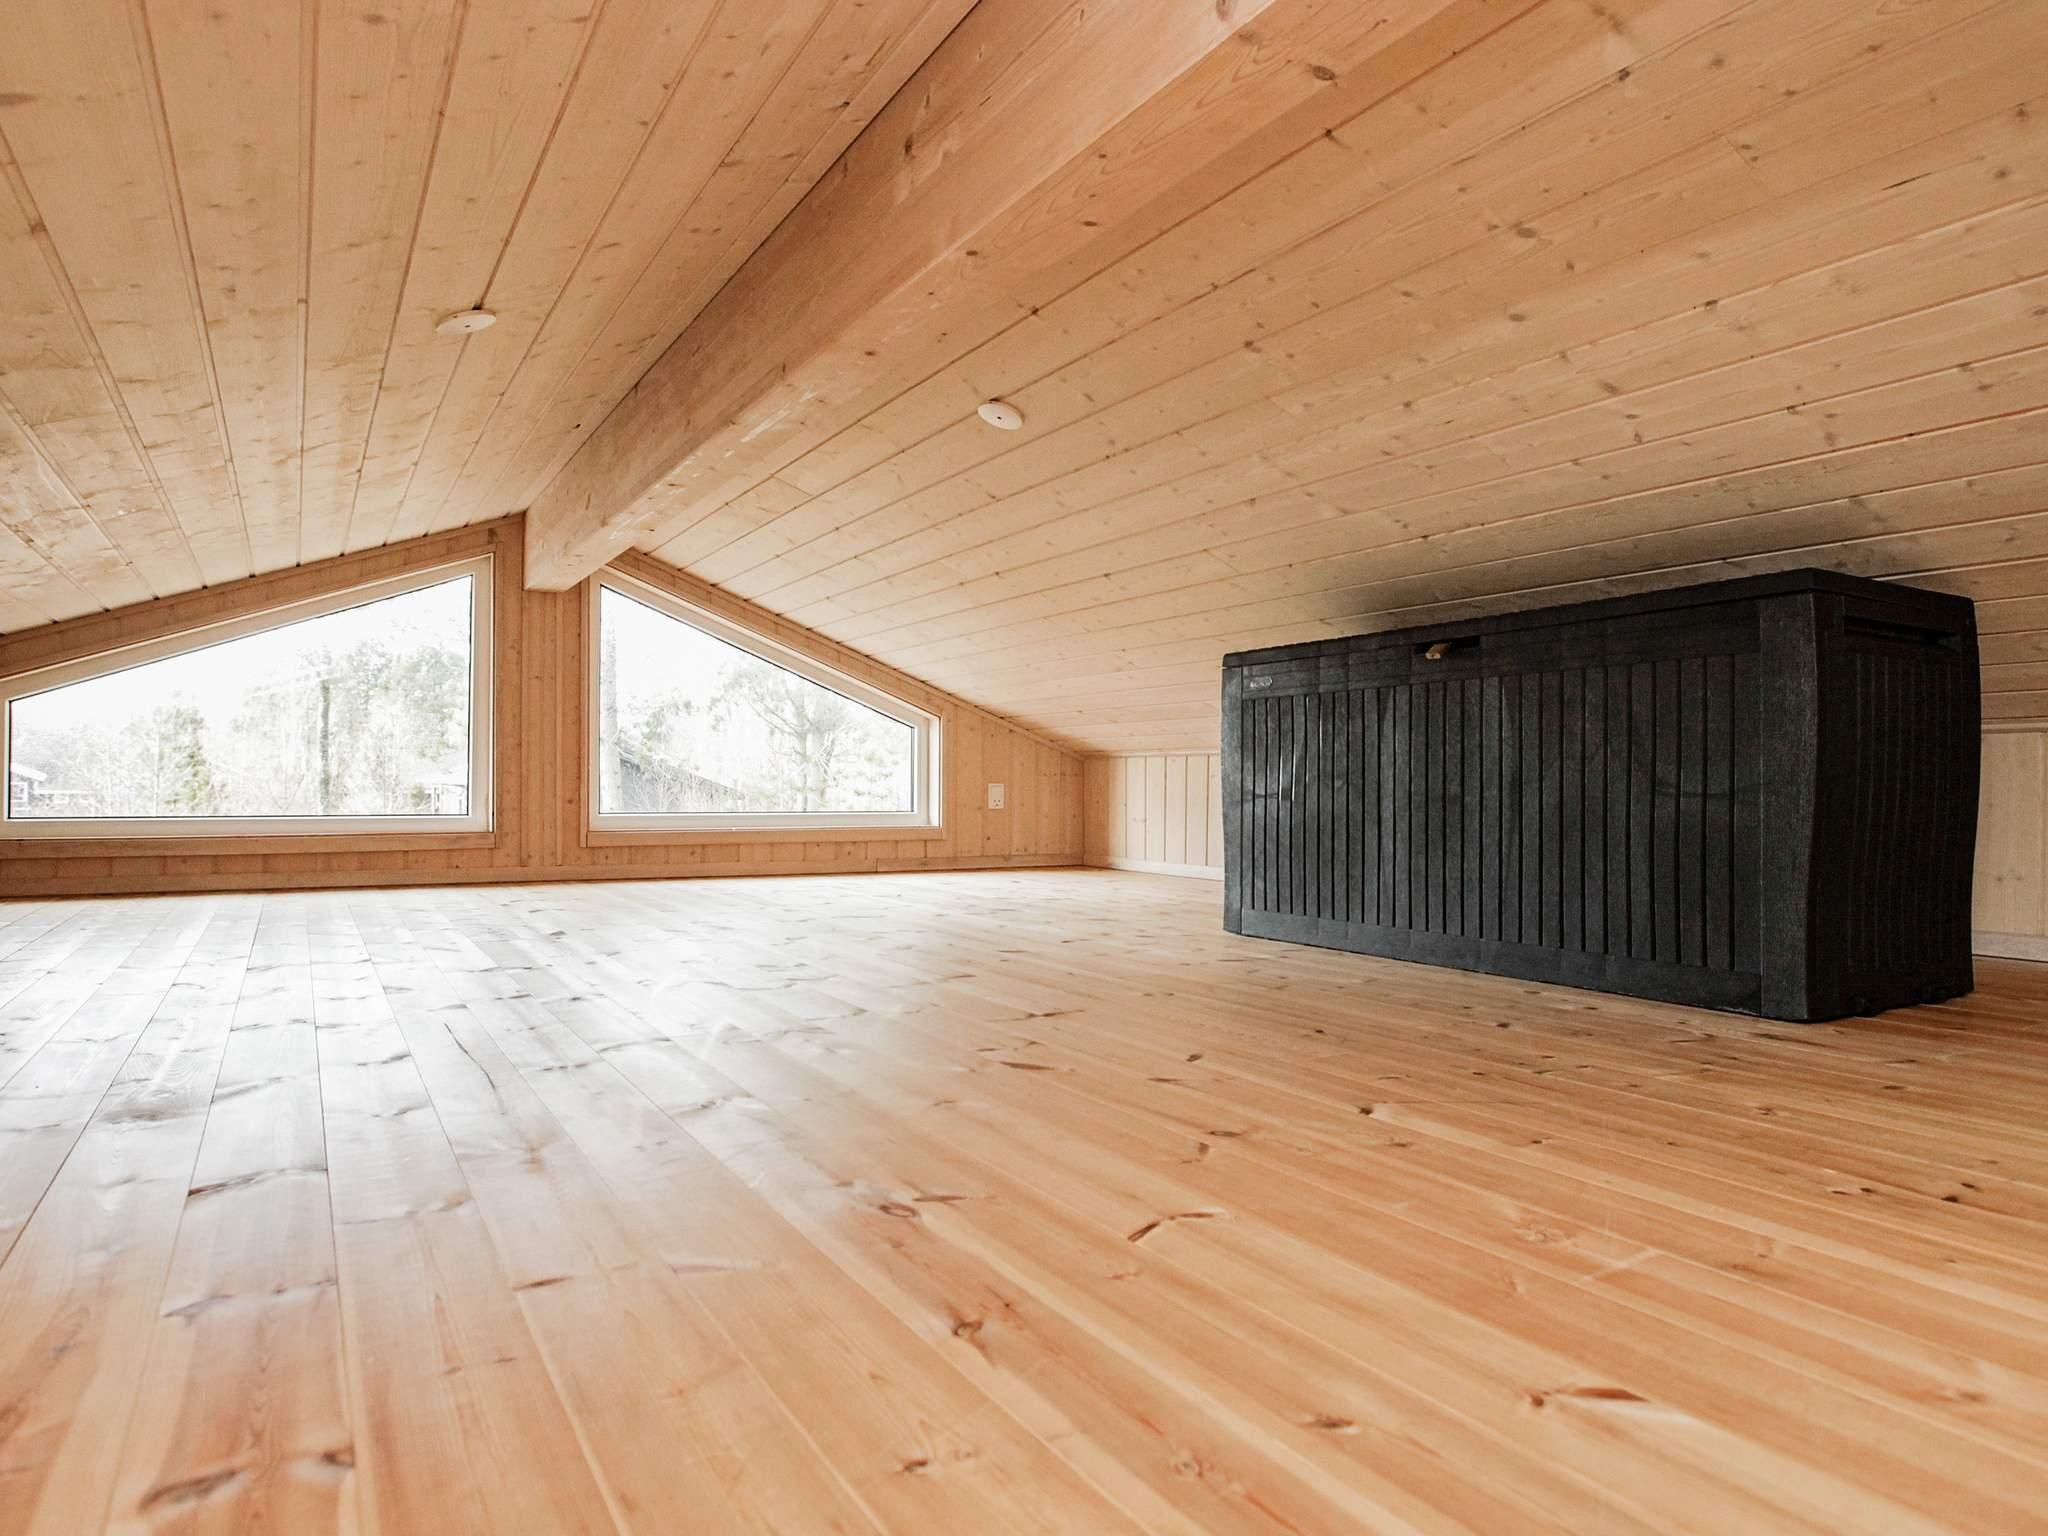 Ferienhaus Lodskovvad (405517), Lodskovvad, , Nordostjütland, Dänemark, Bild 12